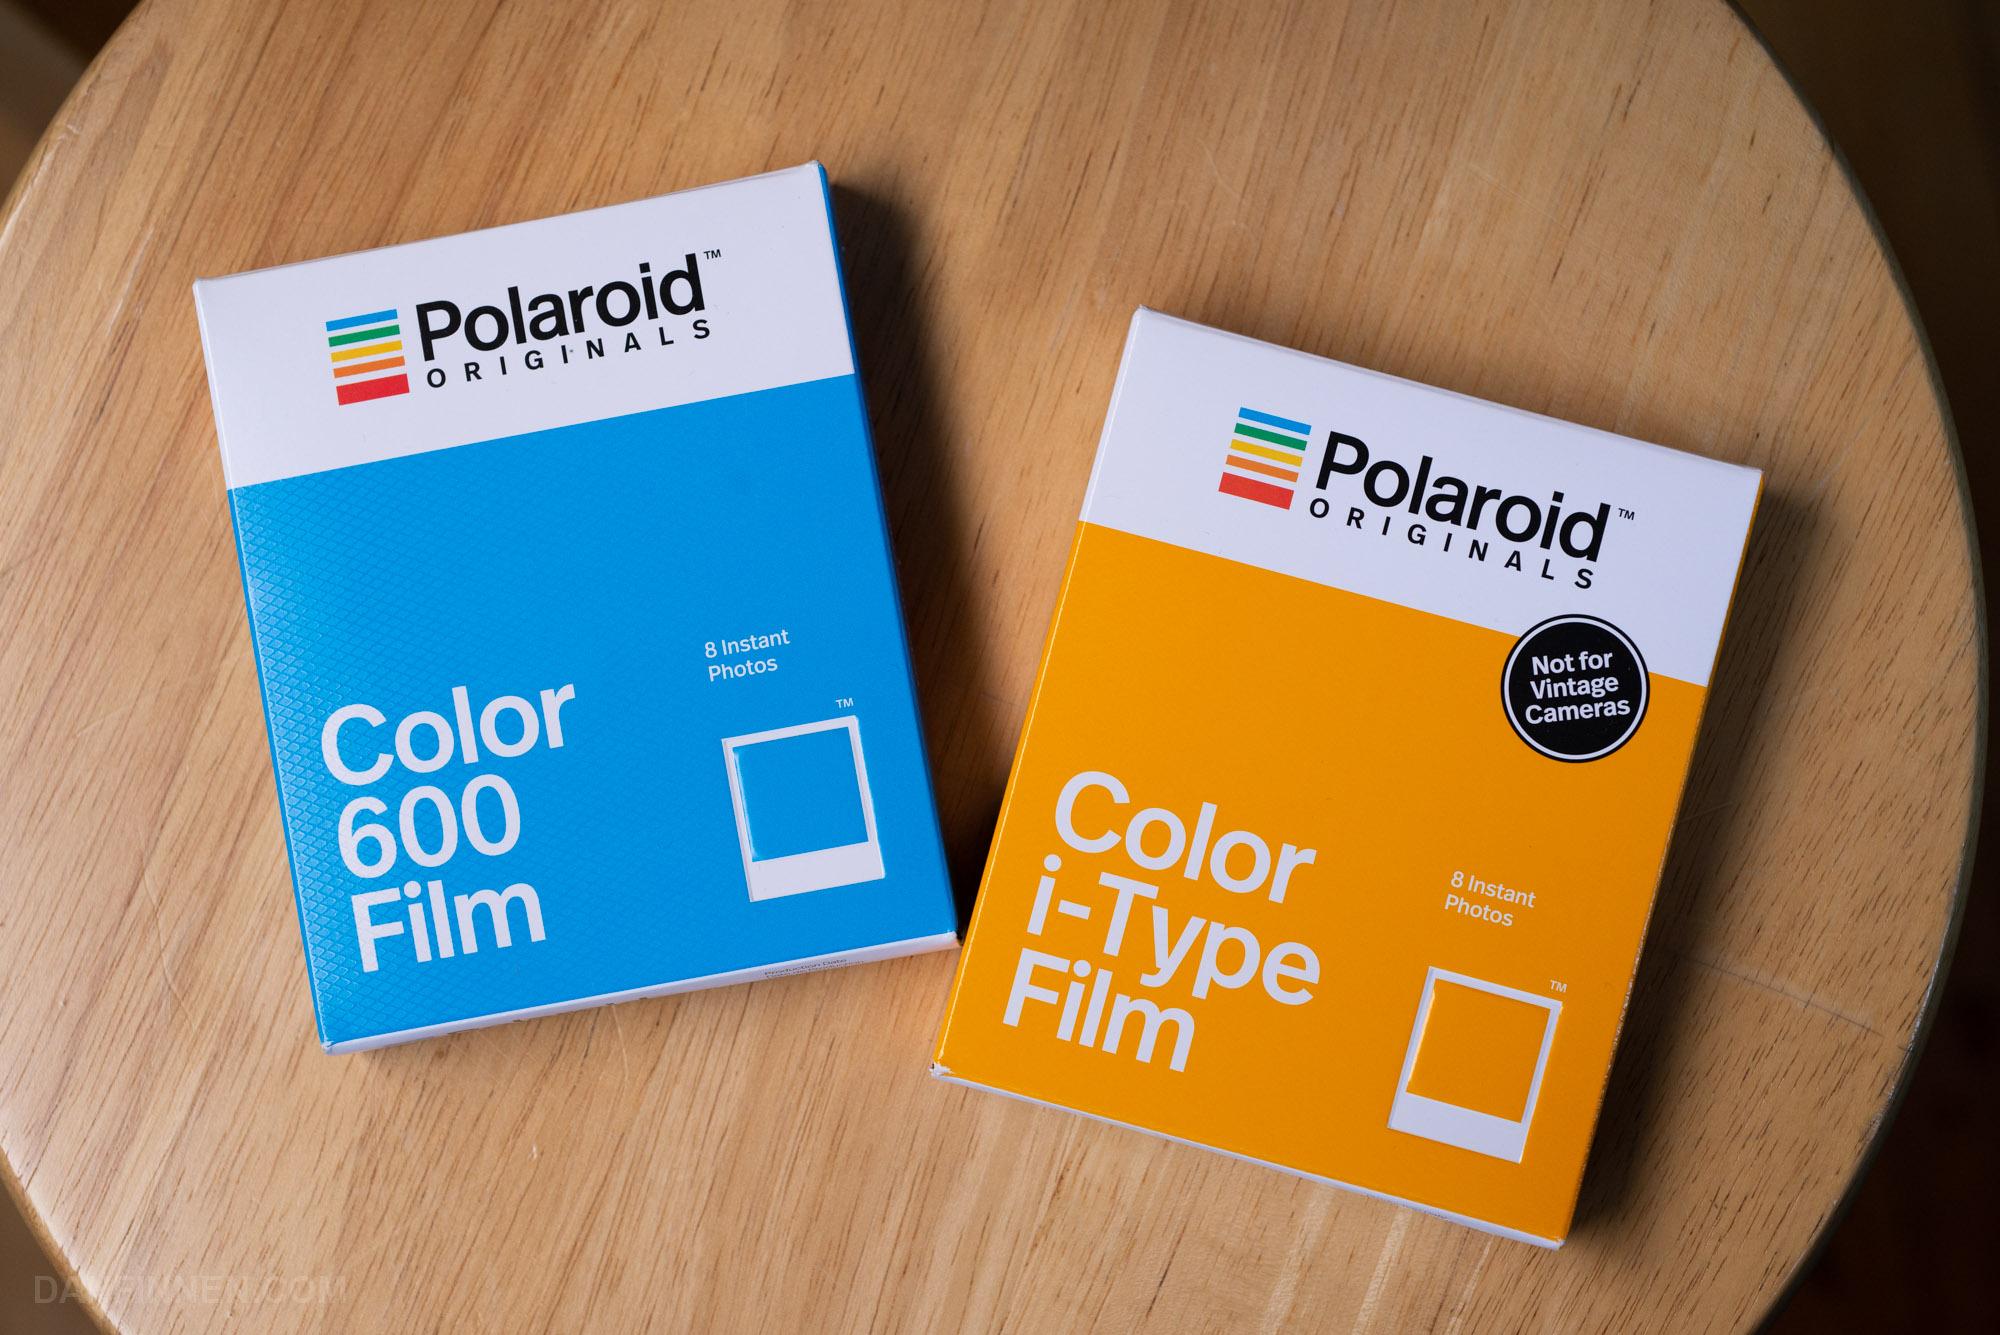 Film Polaroid